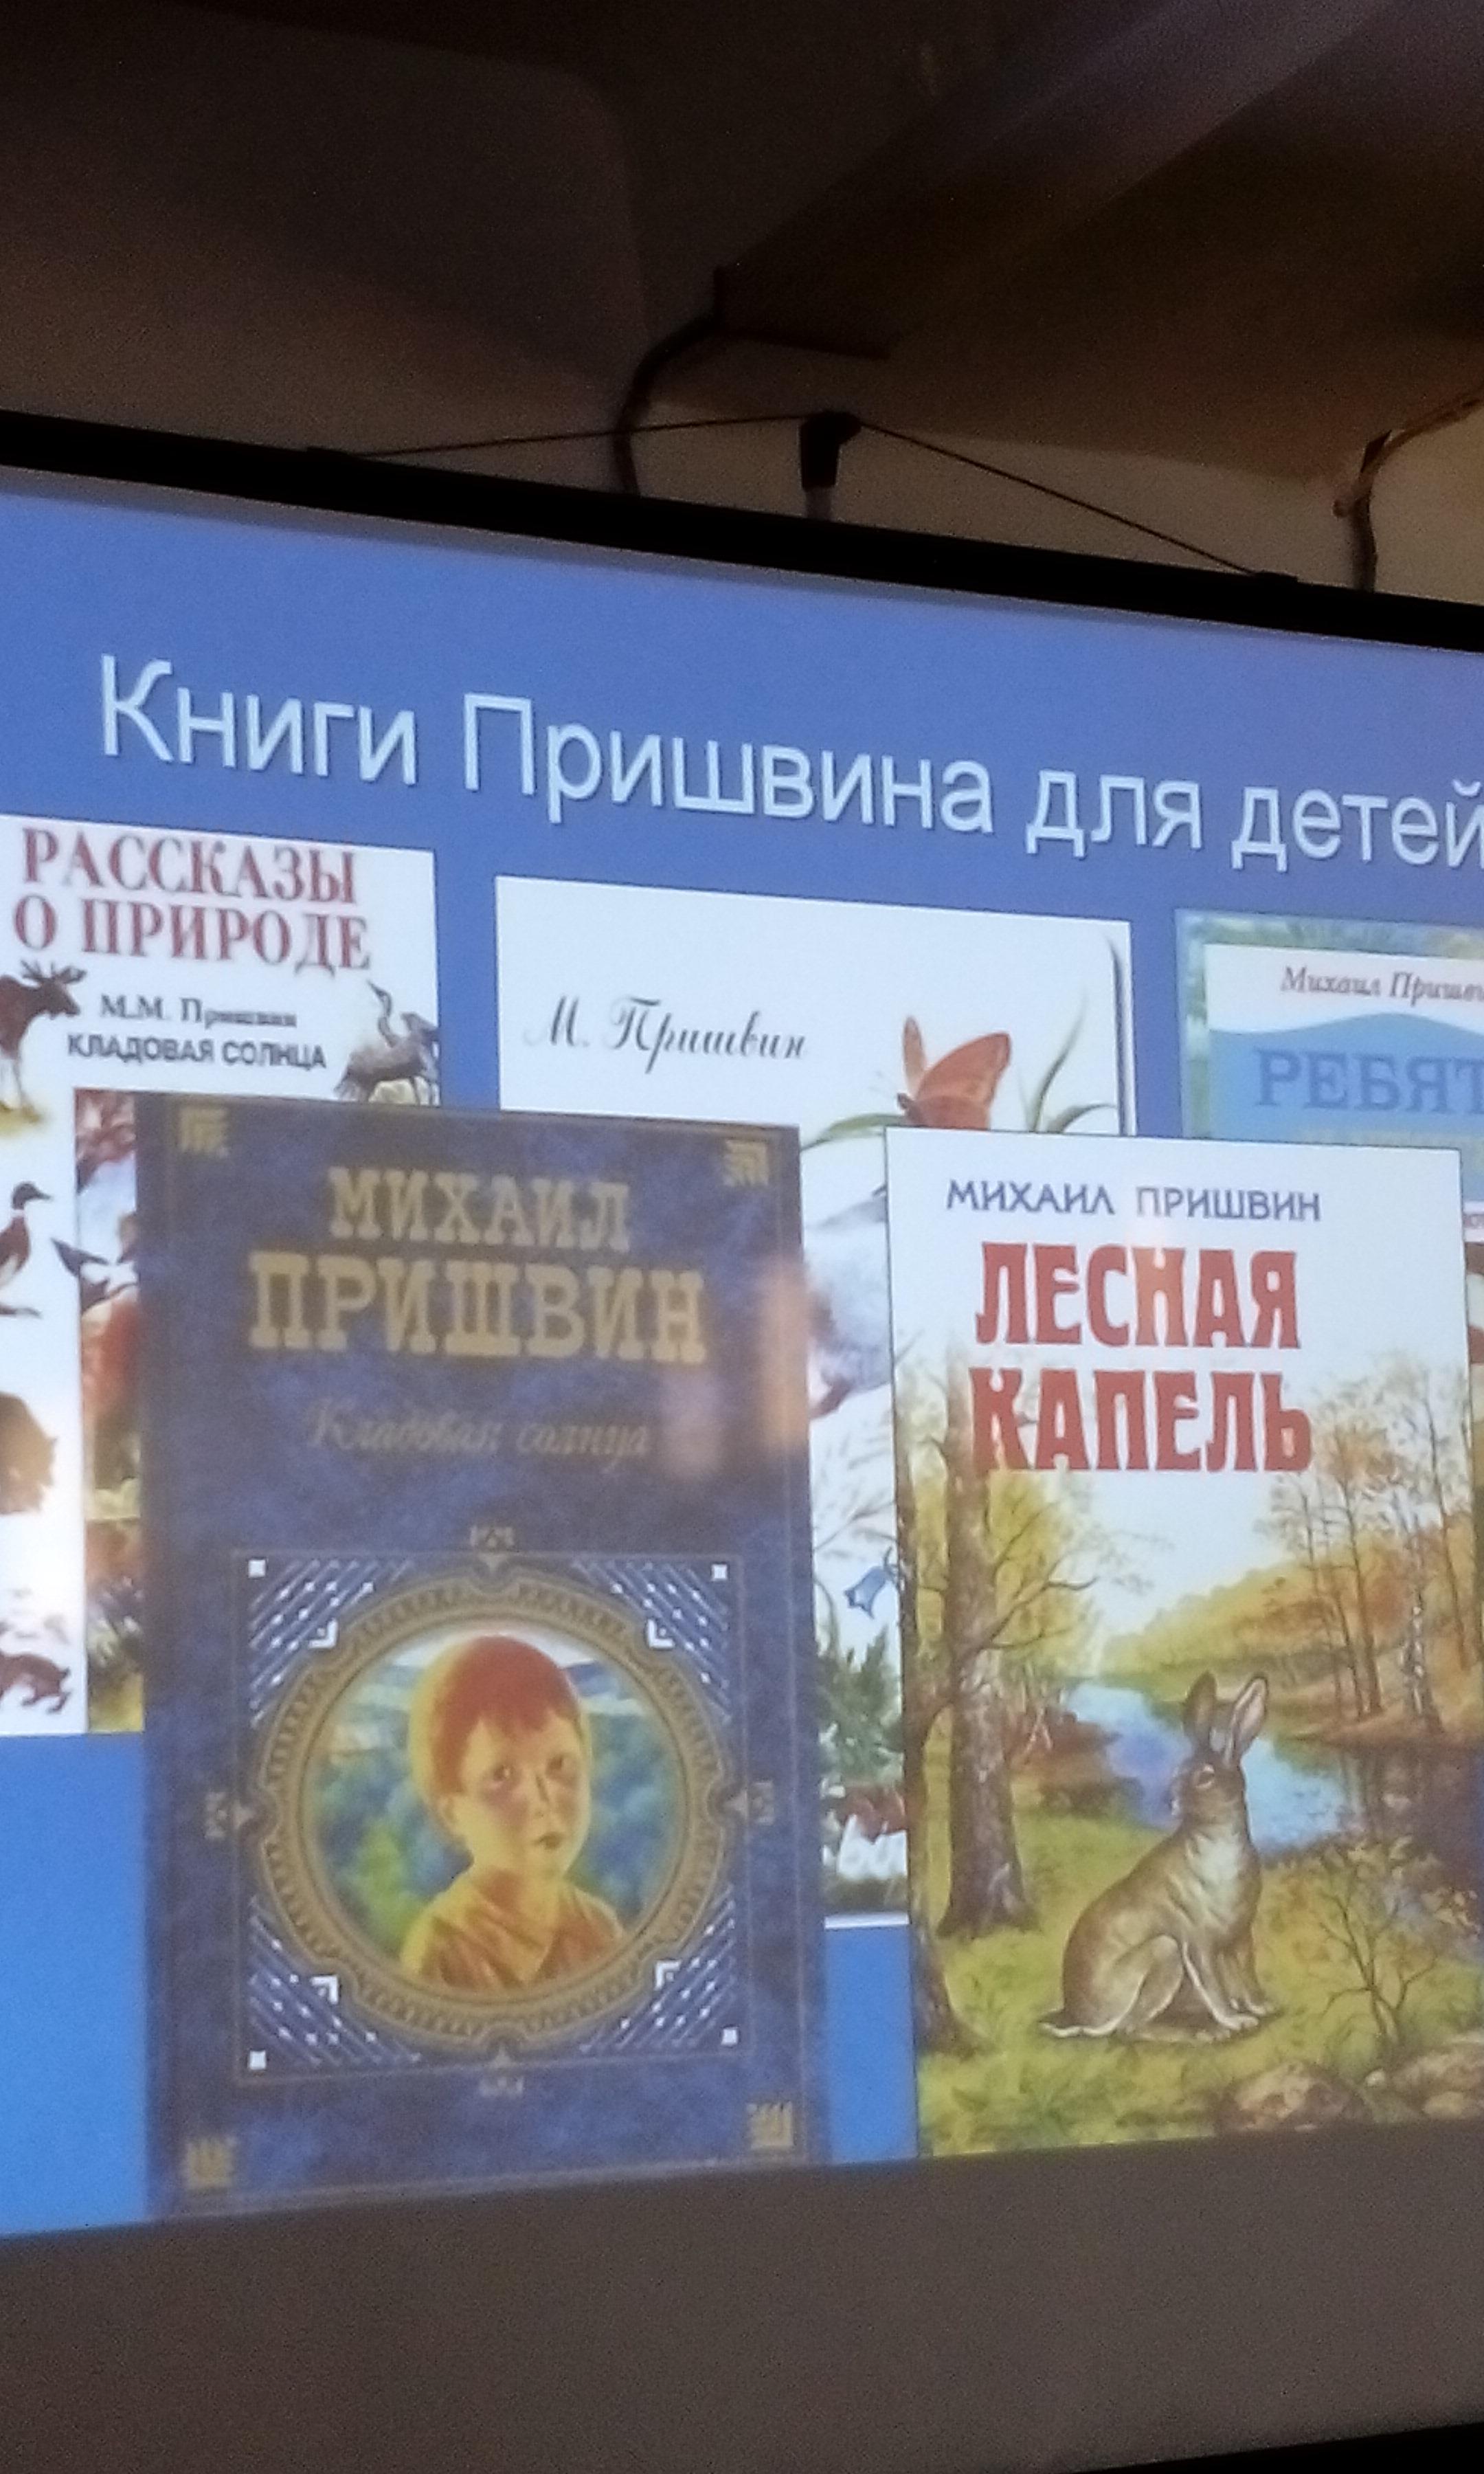 145 лет со дня рождения М.М. Пришвина. Библиотека №5 мкрн. Южный